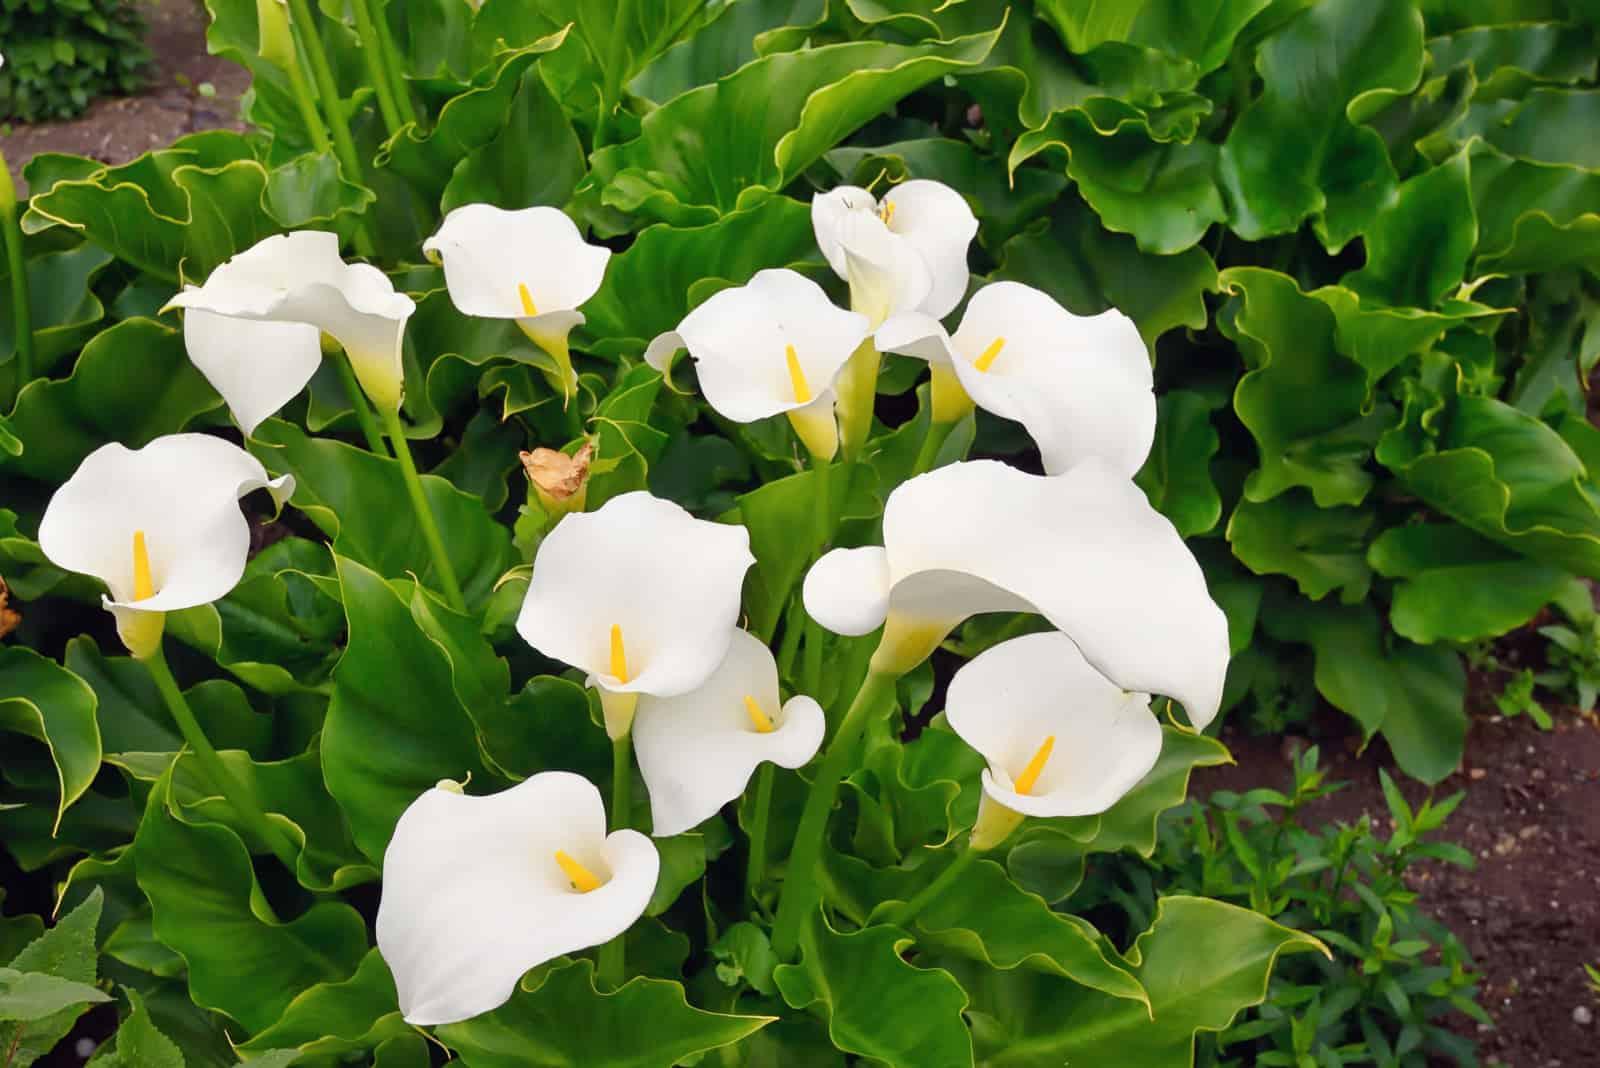 Callalilie blüht im Botanischen Garten